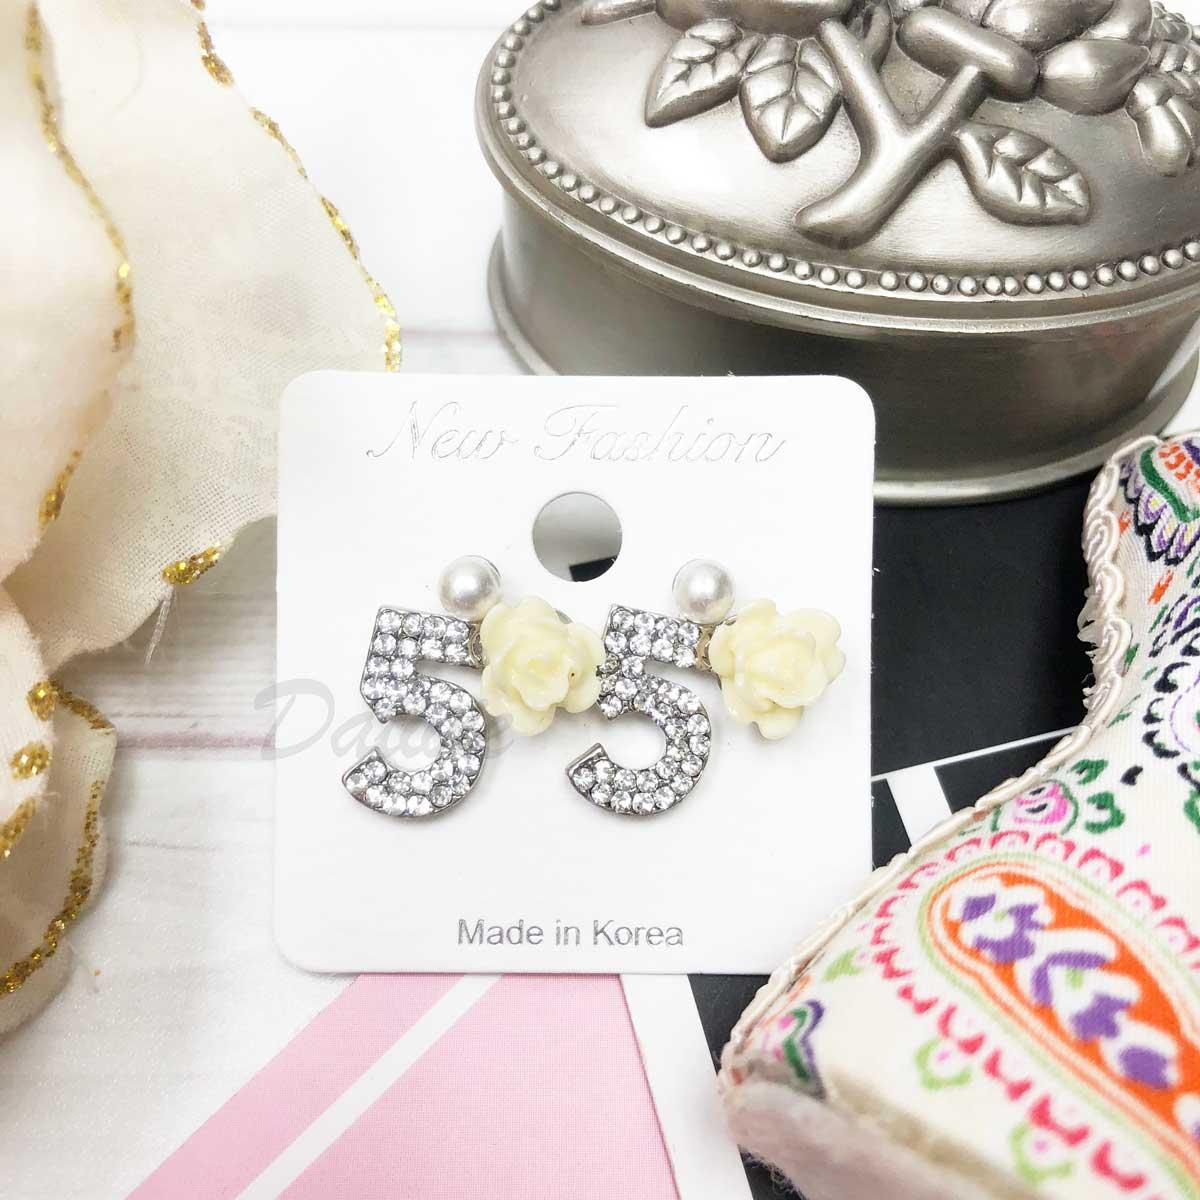 小香風 文字細鑽 雕刻玫瑰花 珍珠 針式耳環